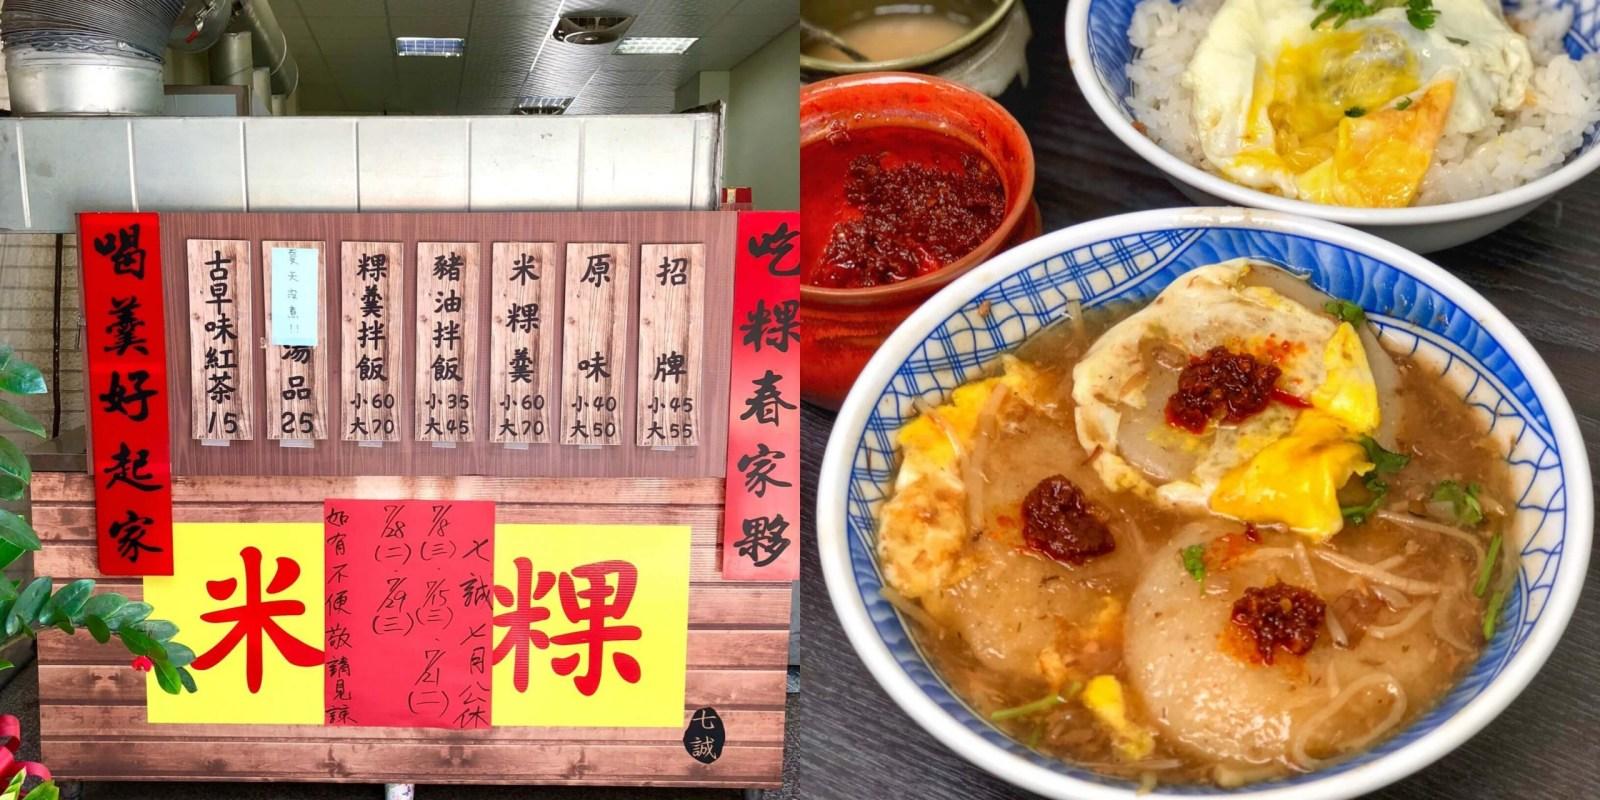 【台南美食】七誠米粿 一種米粿分多種吃法,在地人推薦的好味道